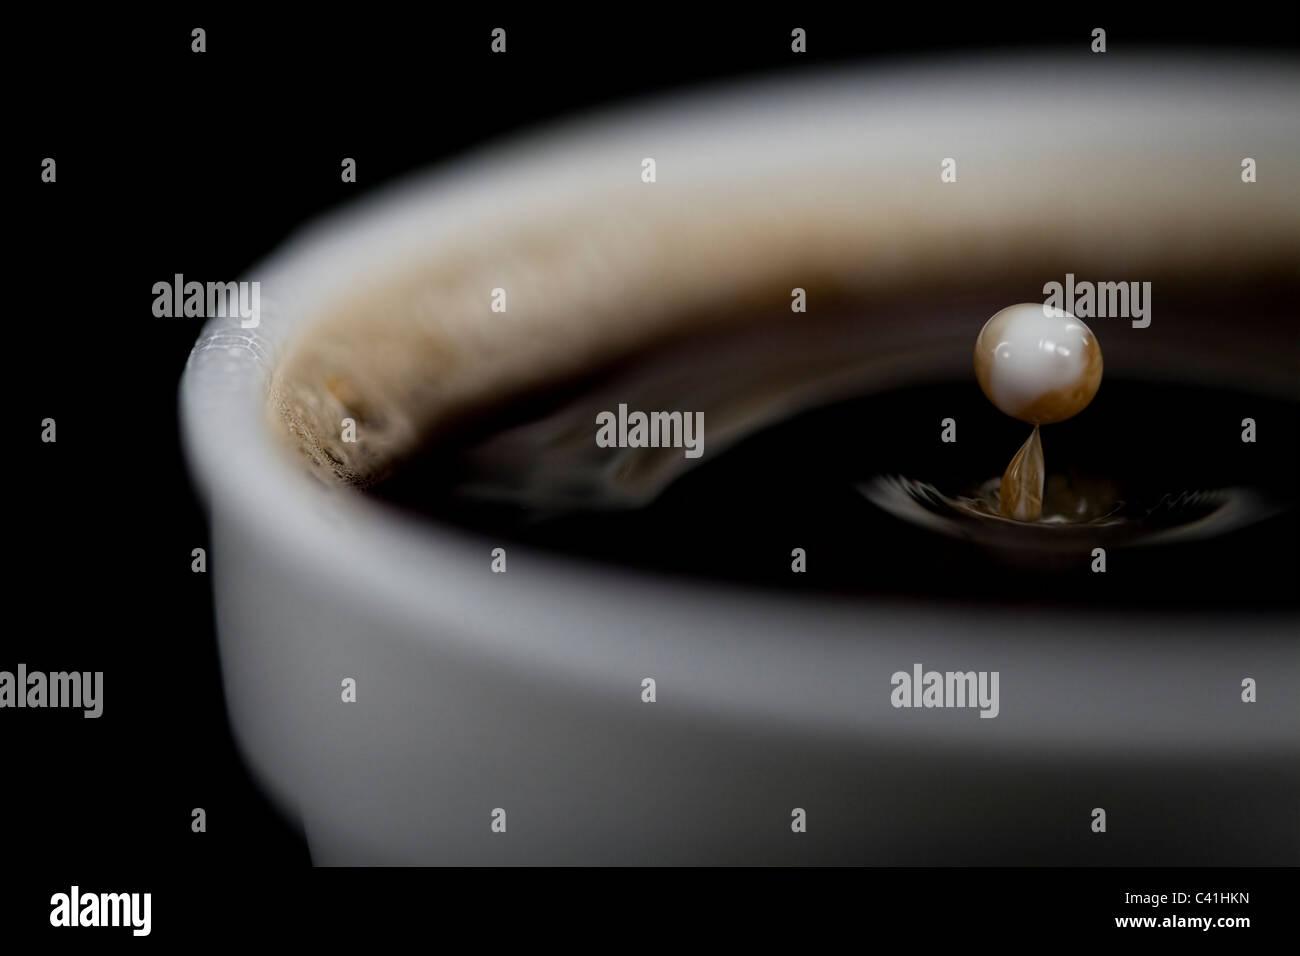 Gota de leche en la taza de café Imagen De Stock